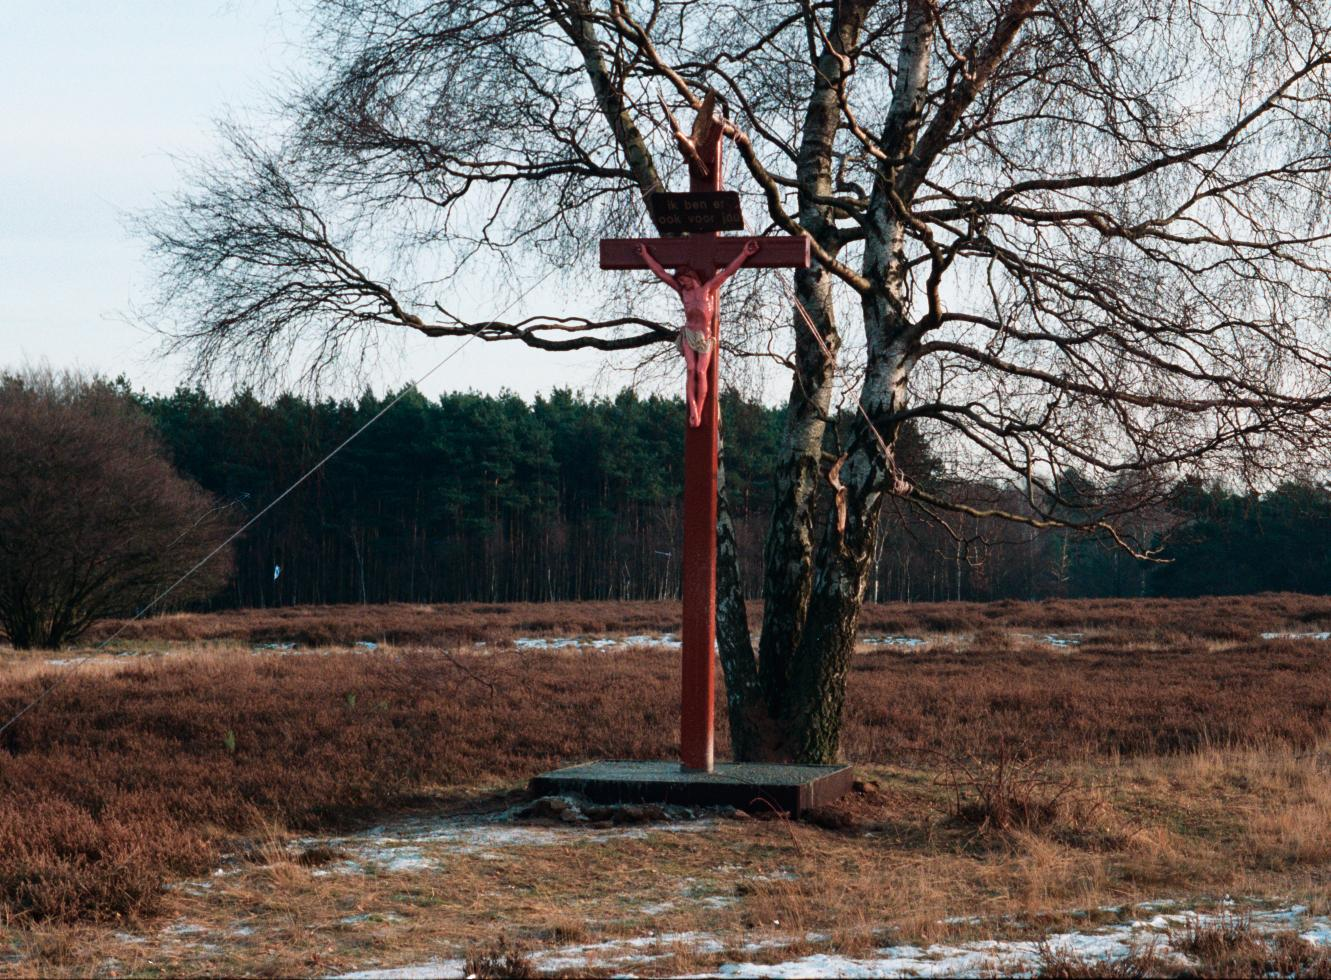 De Kijk van Kastermans: Mirakelse berk geneest paard